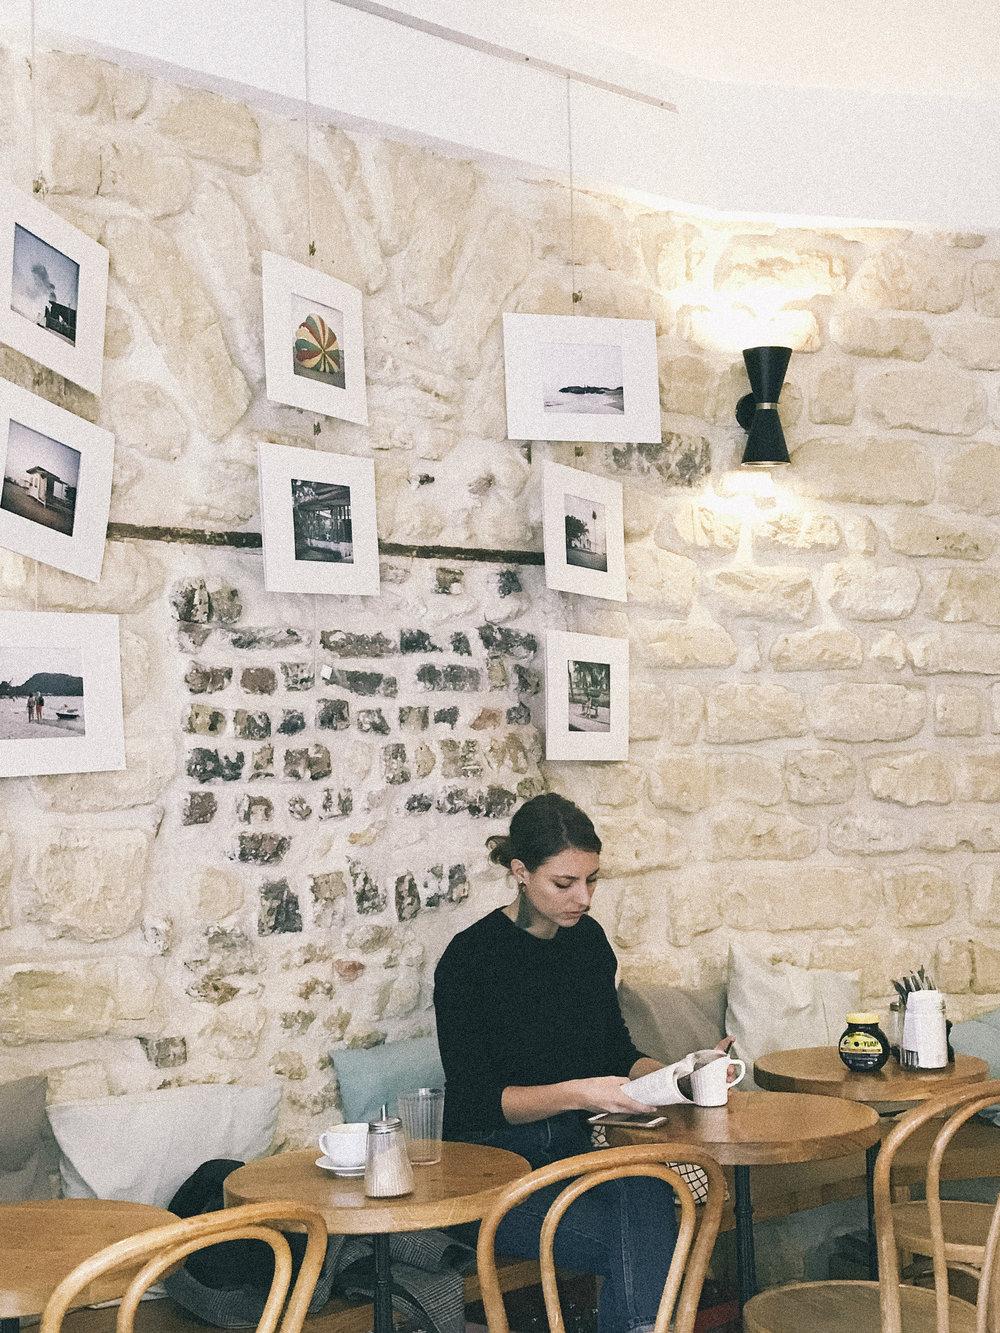 Cafè: Cafe Pimpin